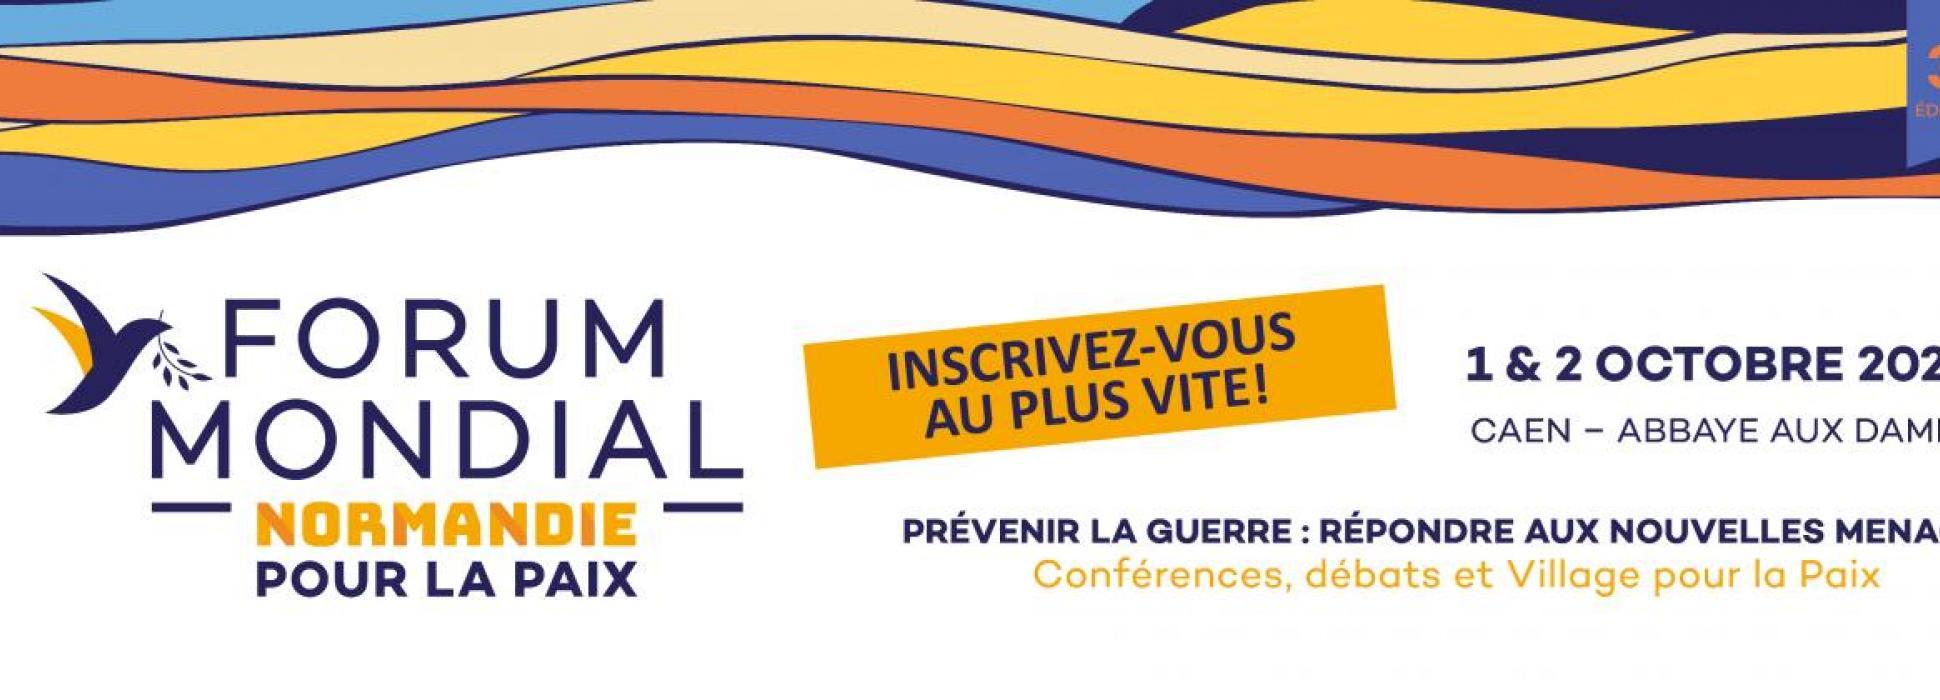 Nicolas Hulot, Barbara Hendricks y Yann Arthus Bertrand participarán en el Foro Mundial Normandía por la Paz el 1 y 2 de octubre de 2020 en Caen